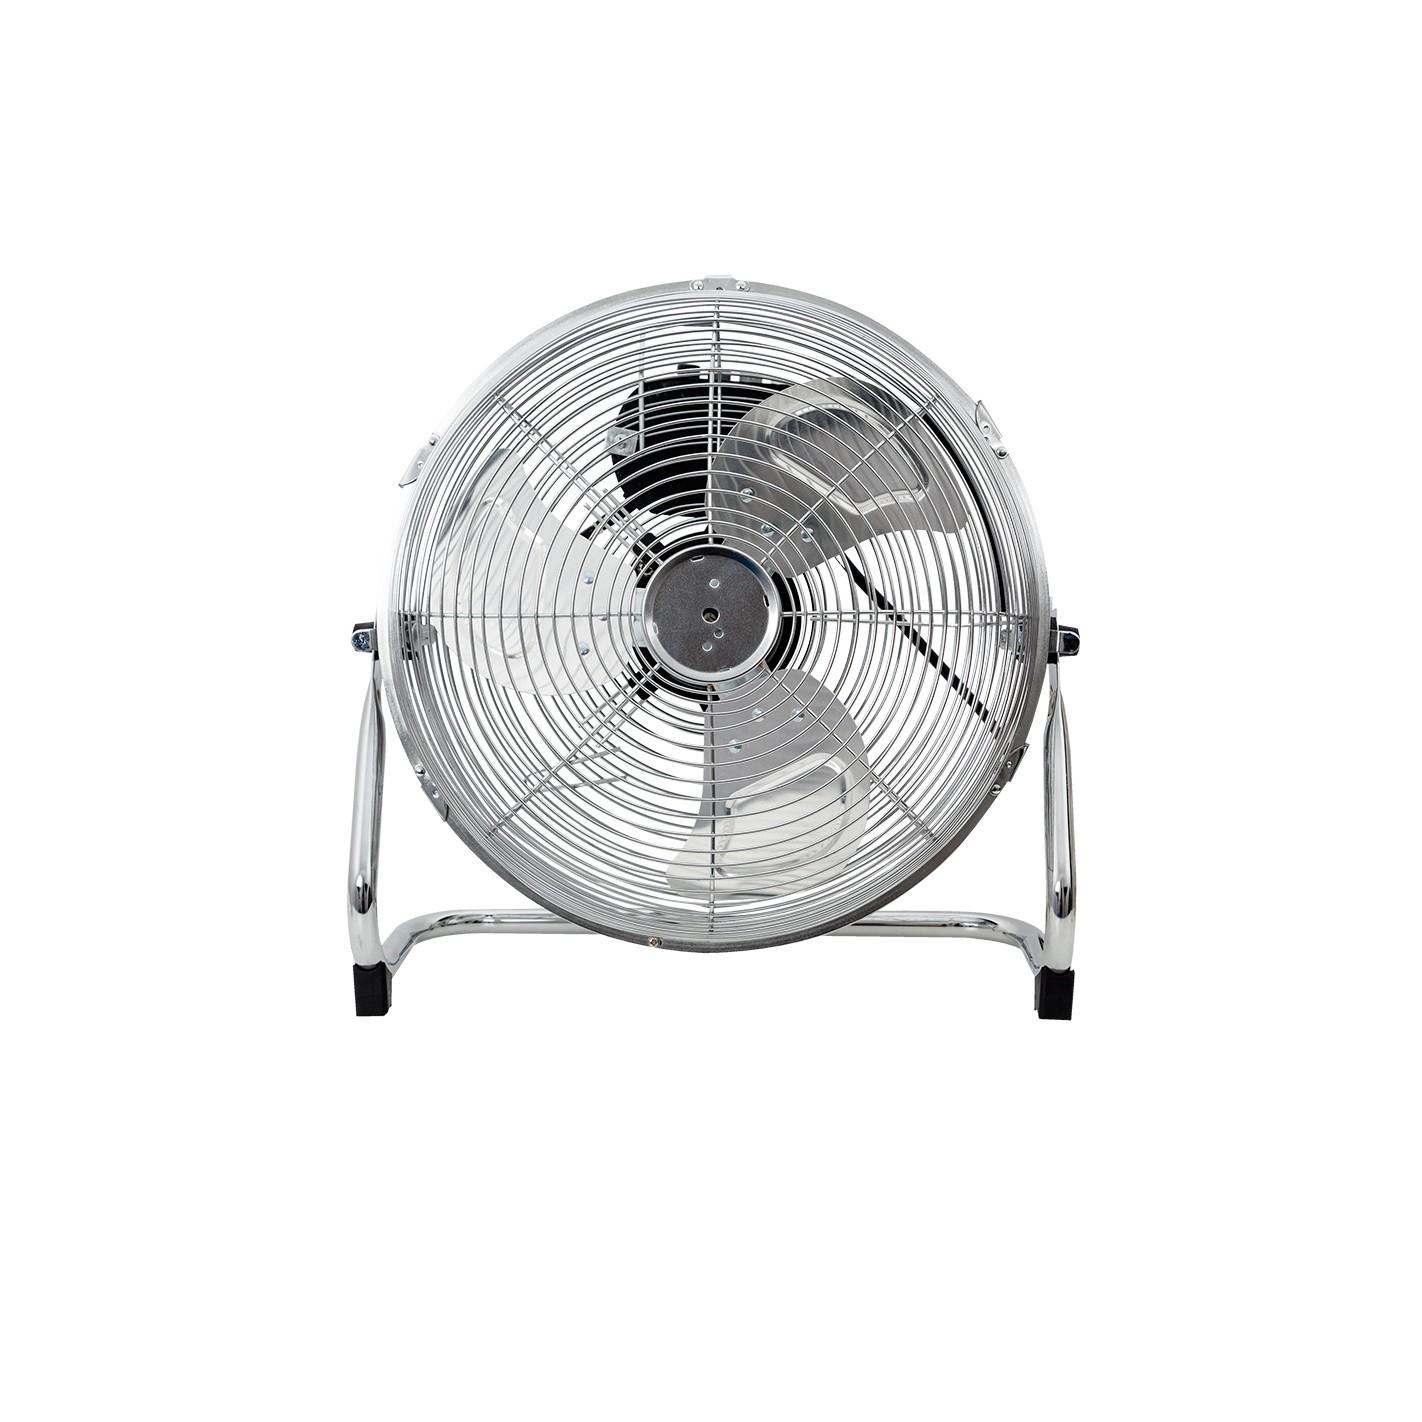 Ventilador industrial de suelo serie austro 100w 47cm - Ventilador de suelo ...